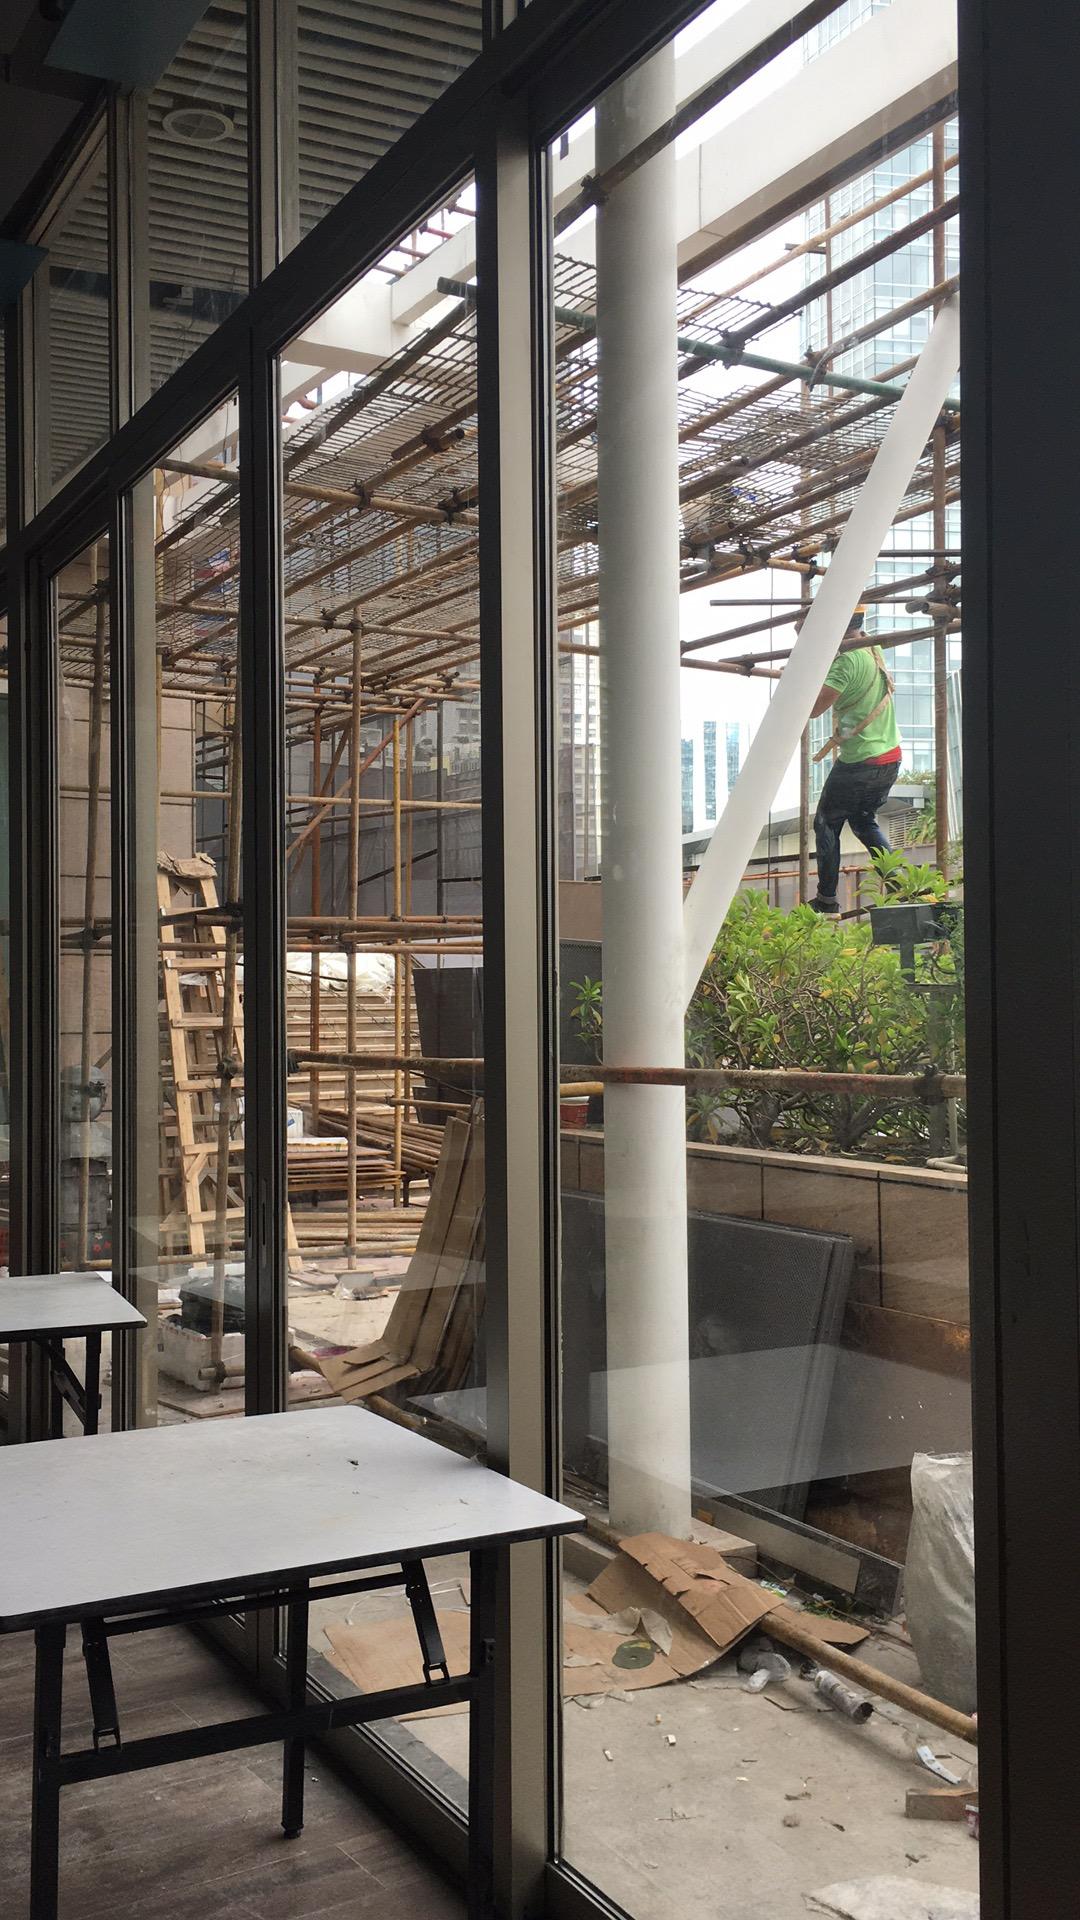 2018年8月深圳海岸城江南厨子重型推拉门案例